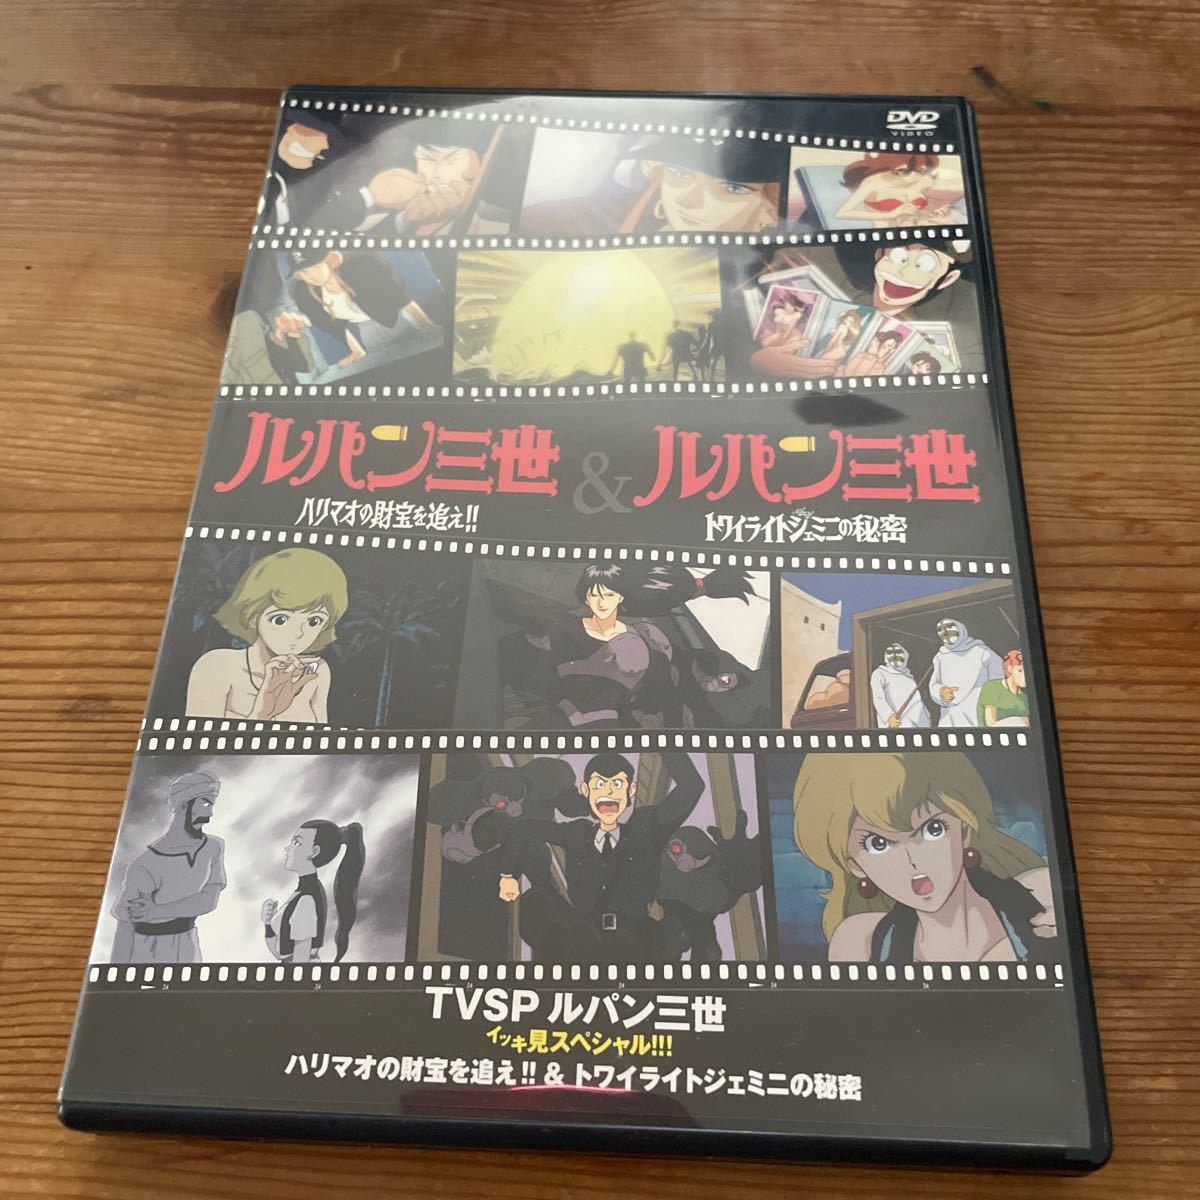 ルパン三世 DVD TVスペシャル イッキ見スペシャル!!!